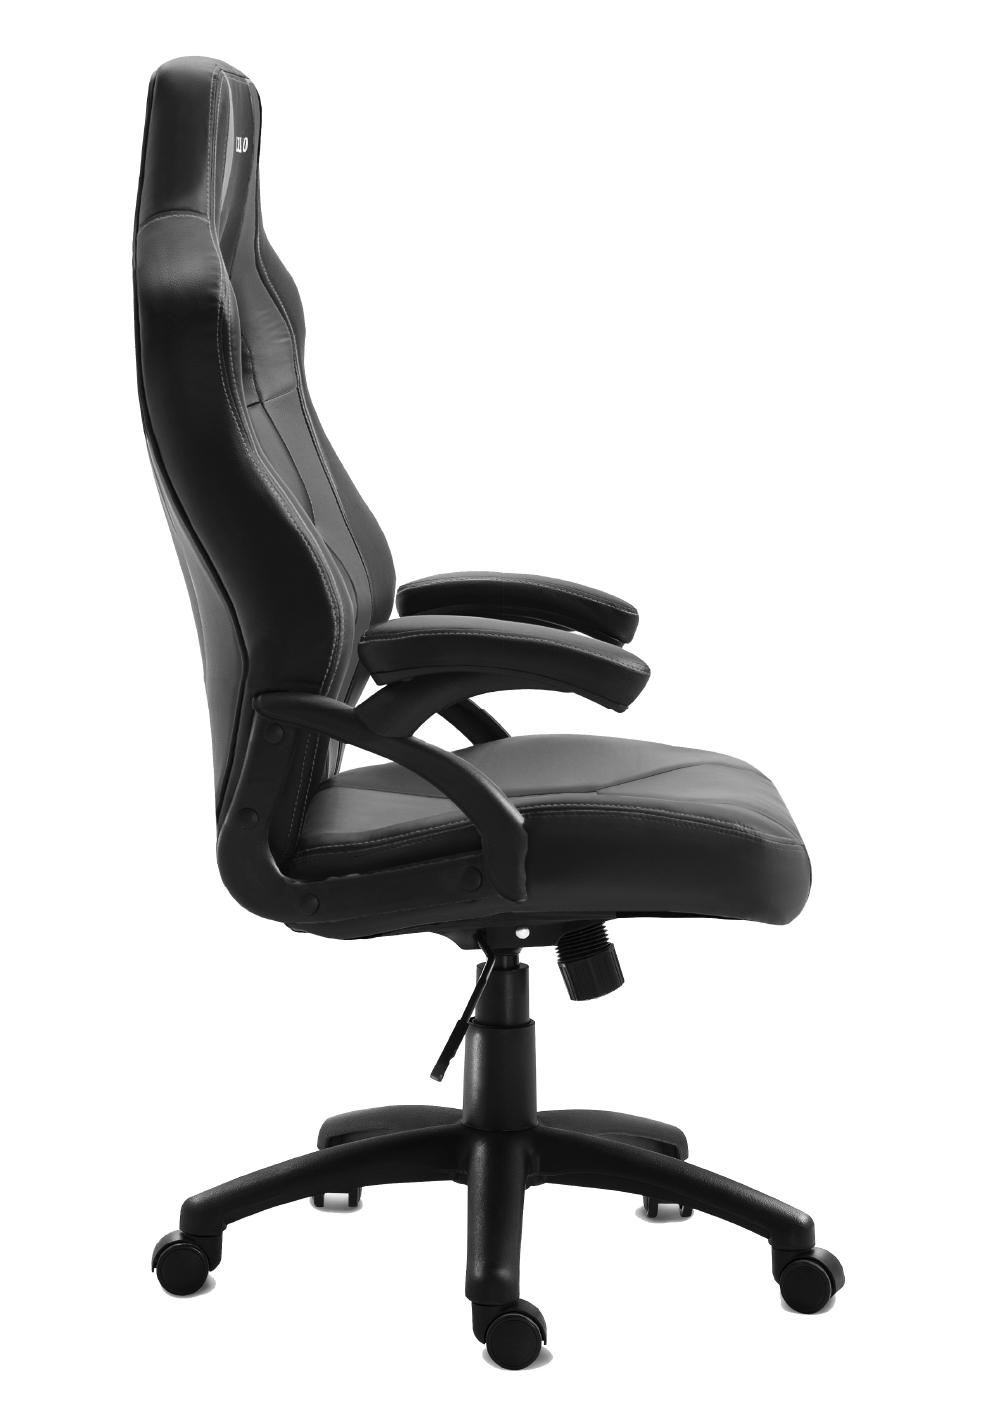 Правая сторона игрового кресла Huzaro Force 4.2 Grey